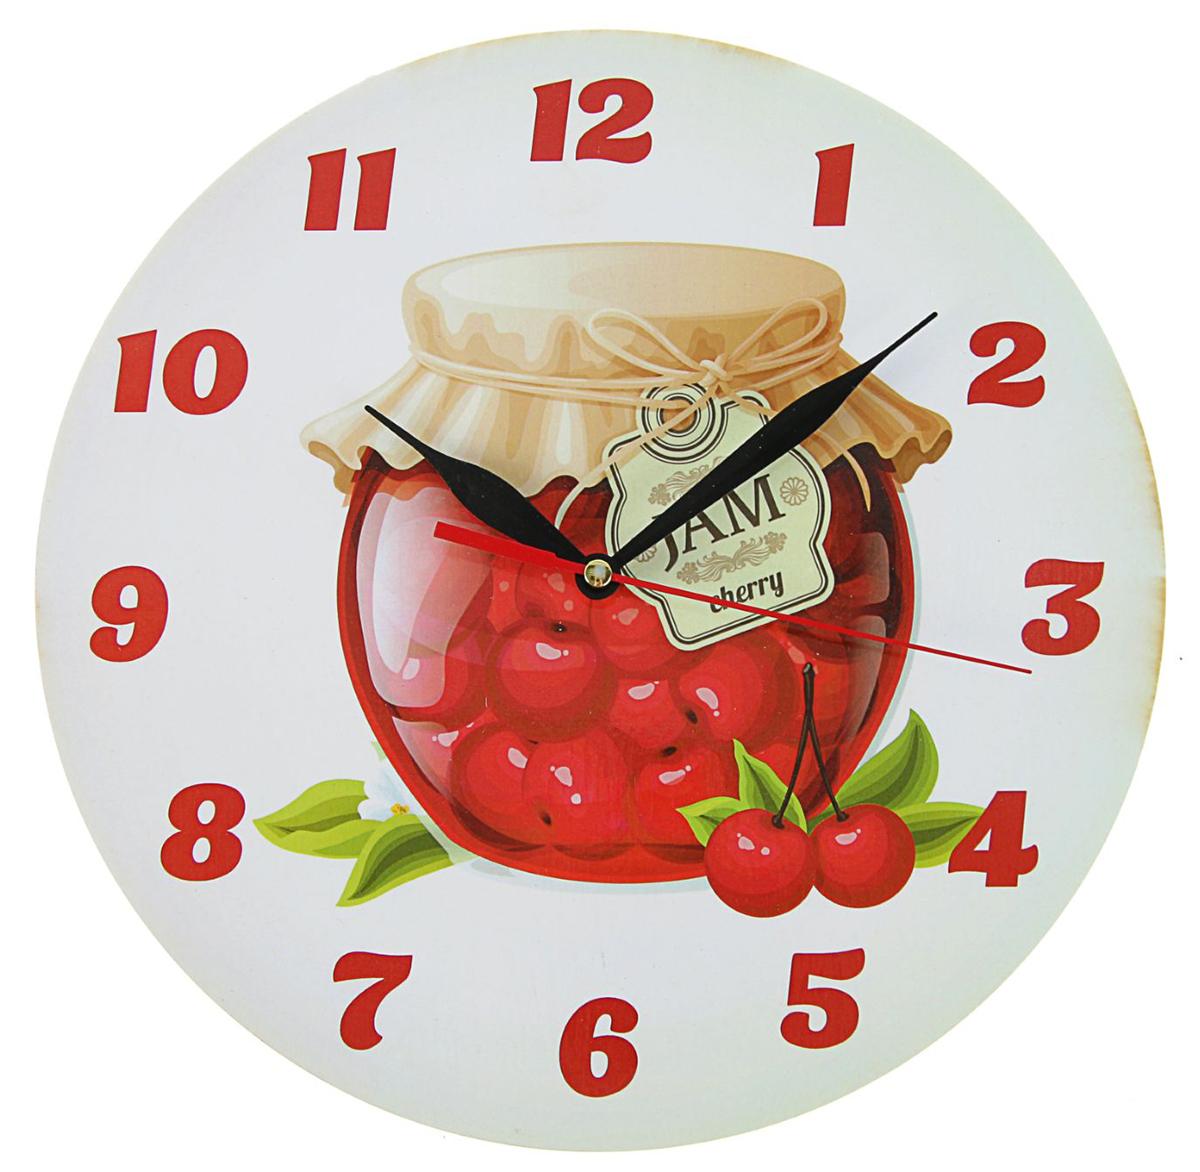 Часы настенные Варенье из вишни, фигурные, диаметр 25 см2497879— сувенир в полном смысле этого слова. И главная его задача — хранить воспоминание о месте, где вы побывали, или о том человеке, который подарил данный предмет. Преподнесите эту вещь своему другу, и она станет достойным украшением его дома. Каждому хозяину периодически приходит мысль обновить свою квартиру, сделать ремонт, перестановку или кардинально поменять внешний вид каждой комнаты. — привлекательная деталь, которая поможет воплотить вашу интерьерную идею, создать неповторимую атмосферу в вашем доме. Окружите себя приятными мелочами, пусть они радуют глаз и дарят гармонию.Часы Варенье из вишни фигурные, O 25 см 2497879